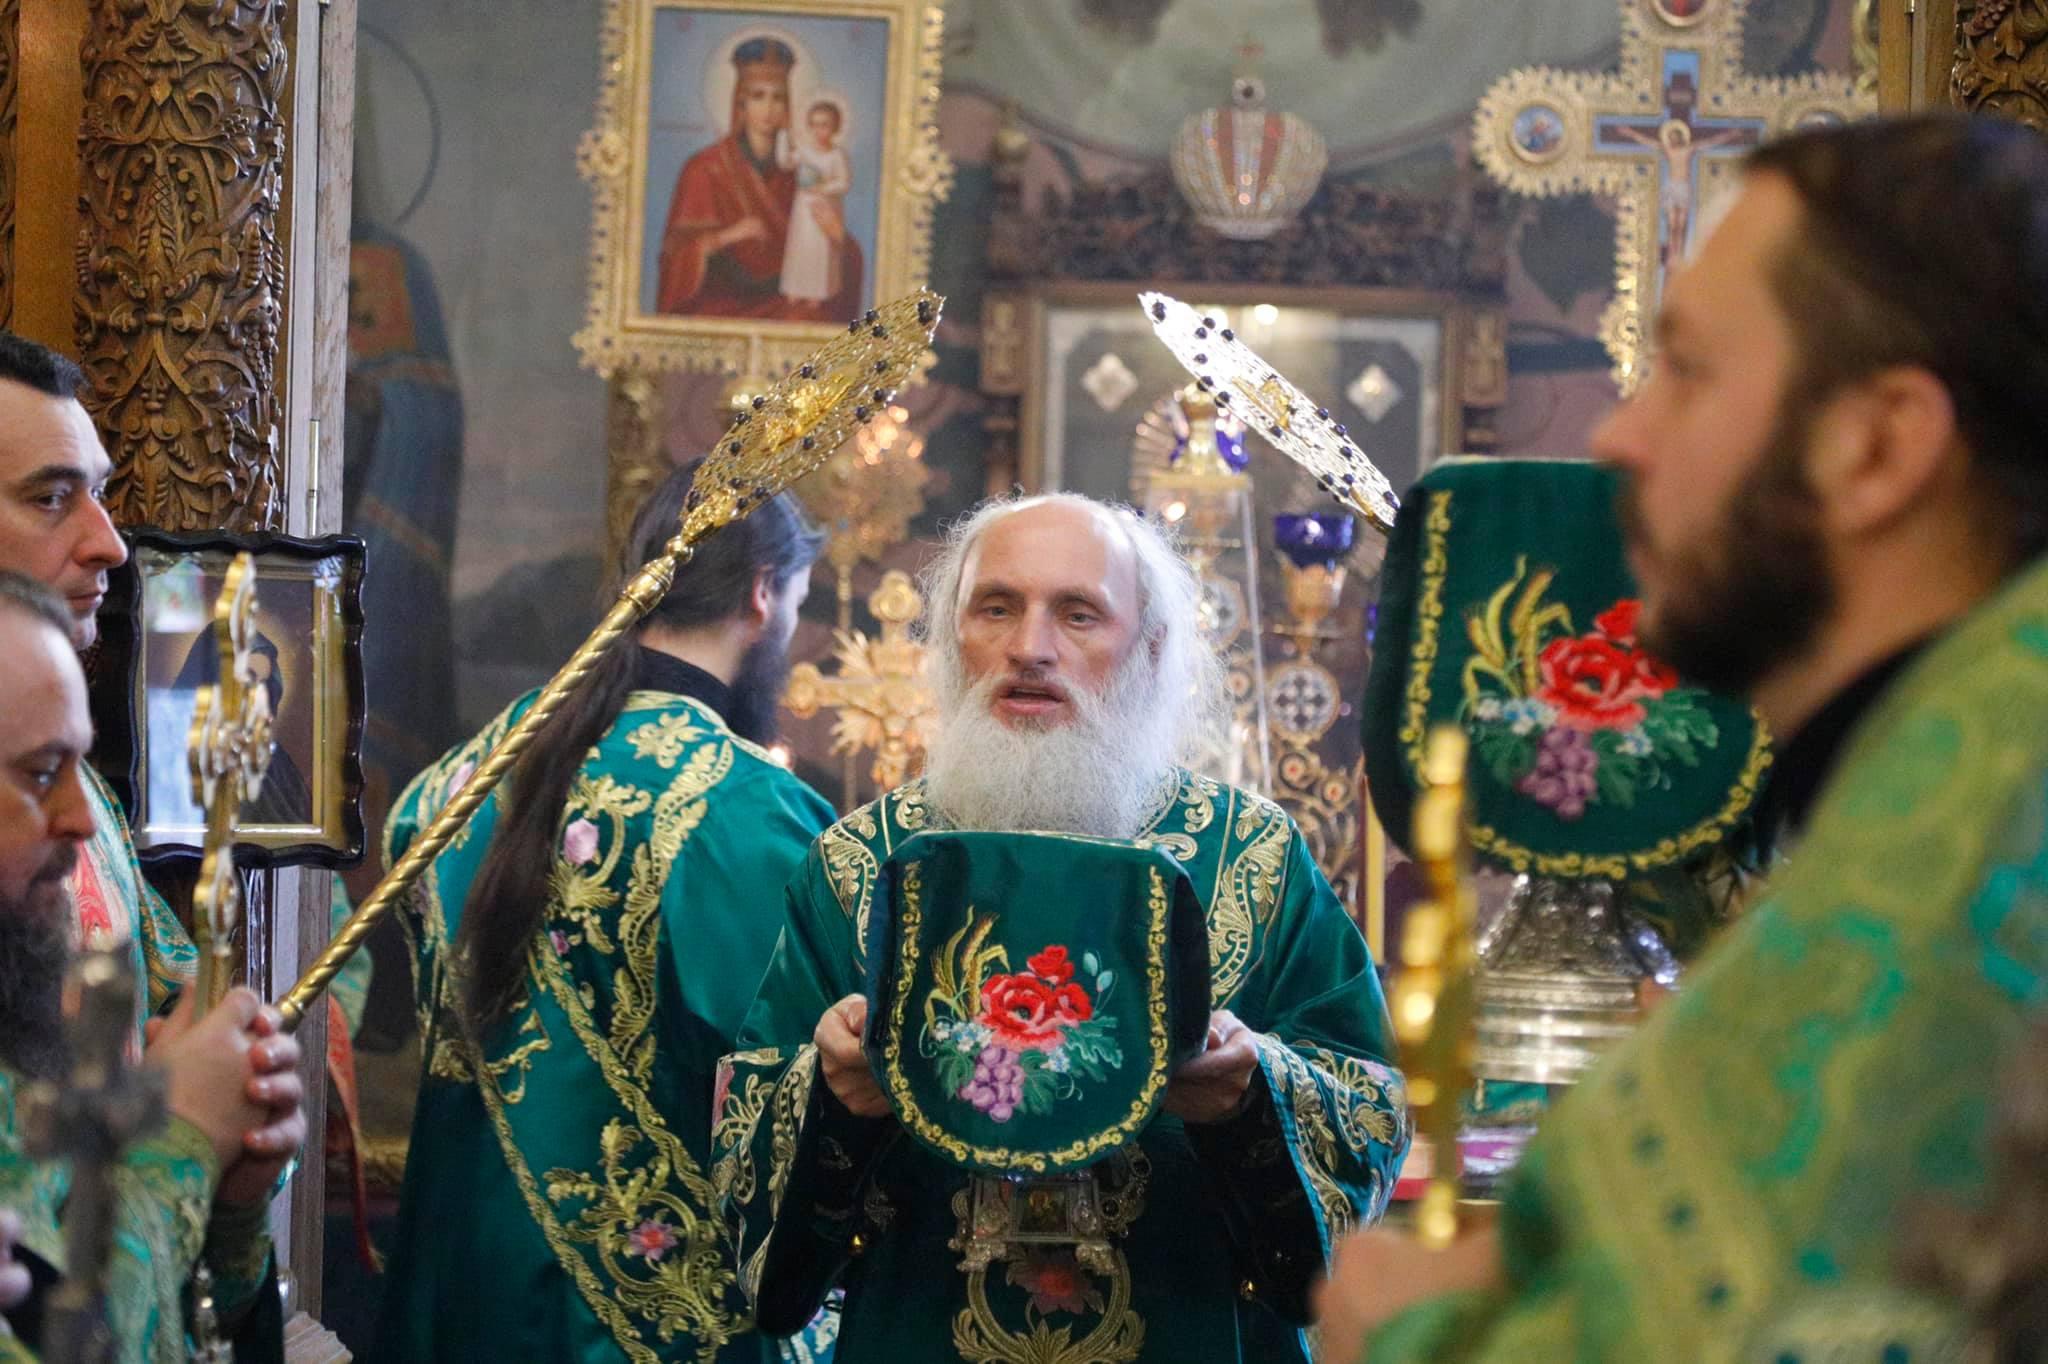 Божественная литургия в день памяти Святого мученика Феодора Тирона, и преподобного Агафона Печерского